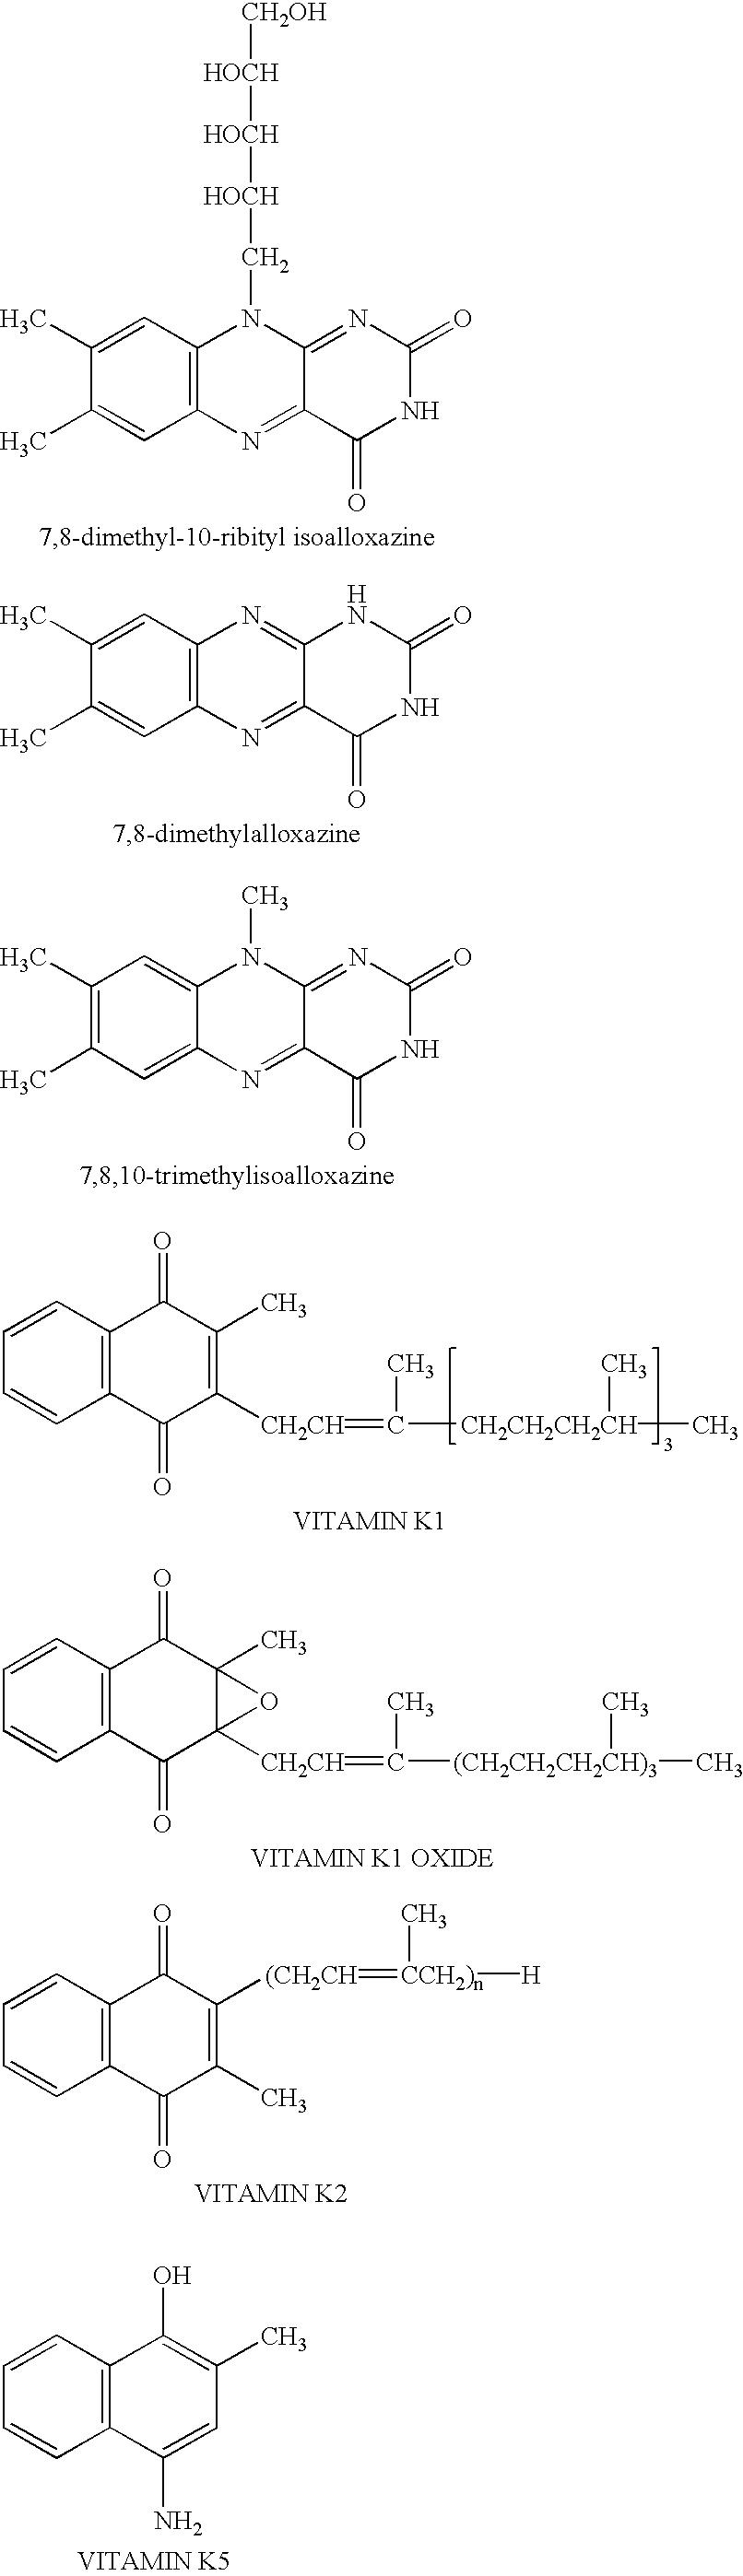 Figure US06548241-20030415-C00001